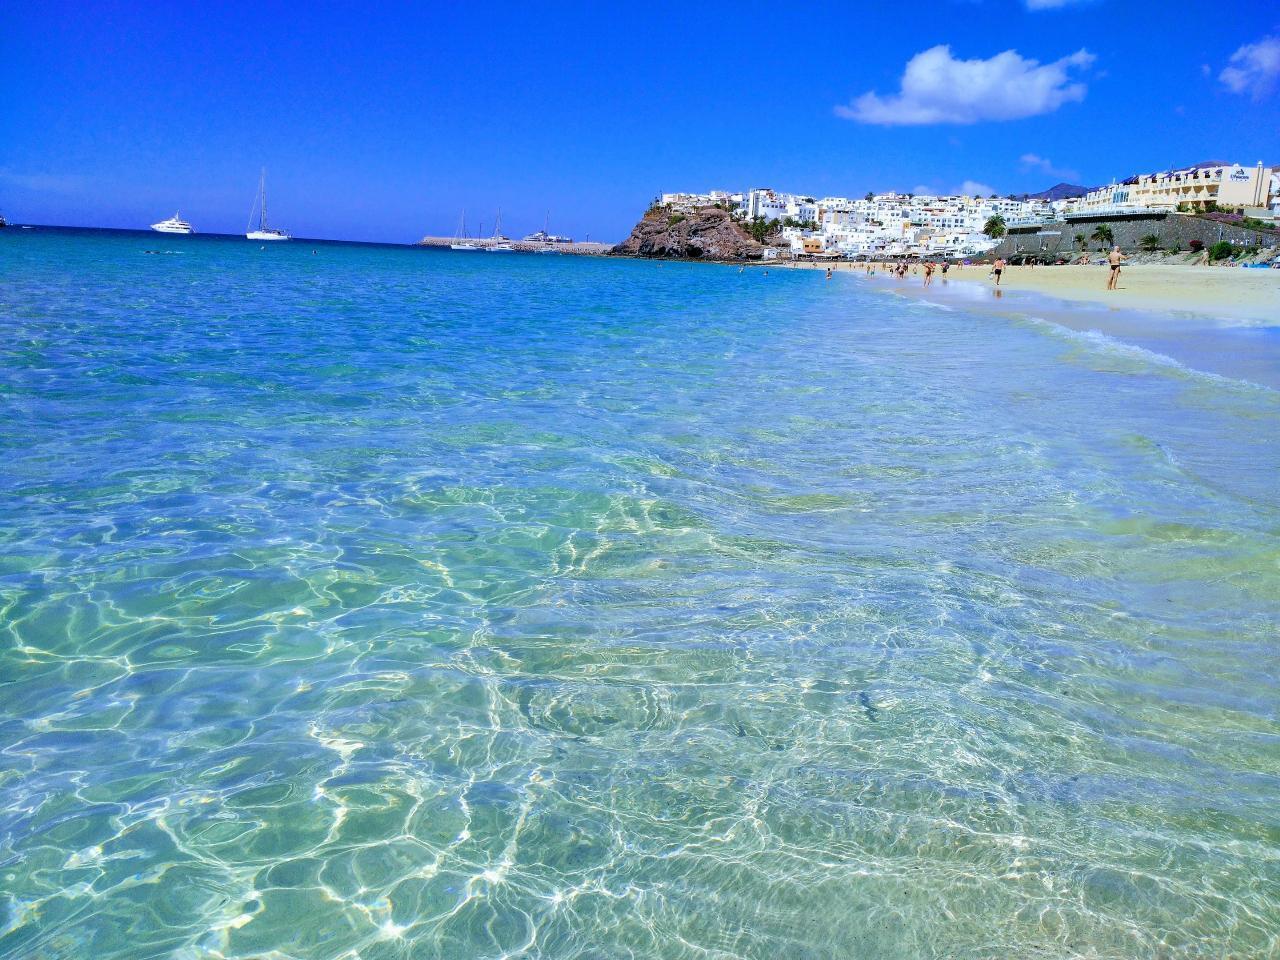 Ferienwohnung Penthouse / Apt. in der besten Gegend von Costa Calma, mit Blick auf eine große Terrasse a (487472), Costa Calma, Fuerteventura, Kanarische Inseln, Spanien, Bild 19